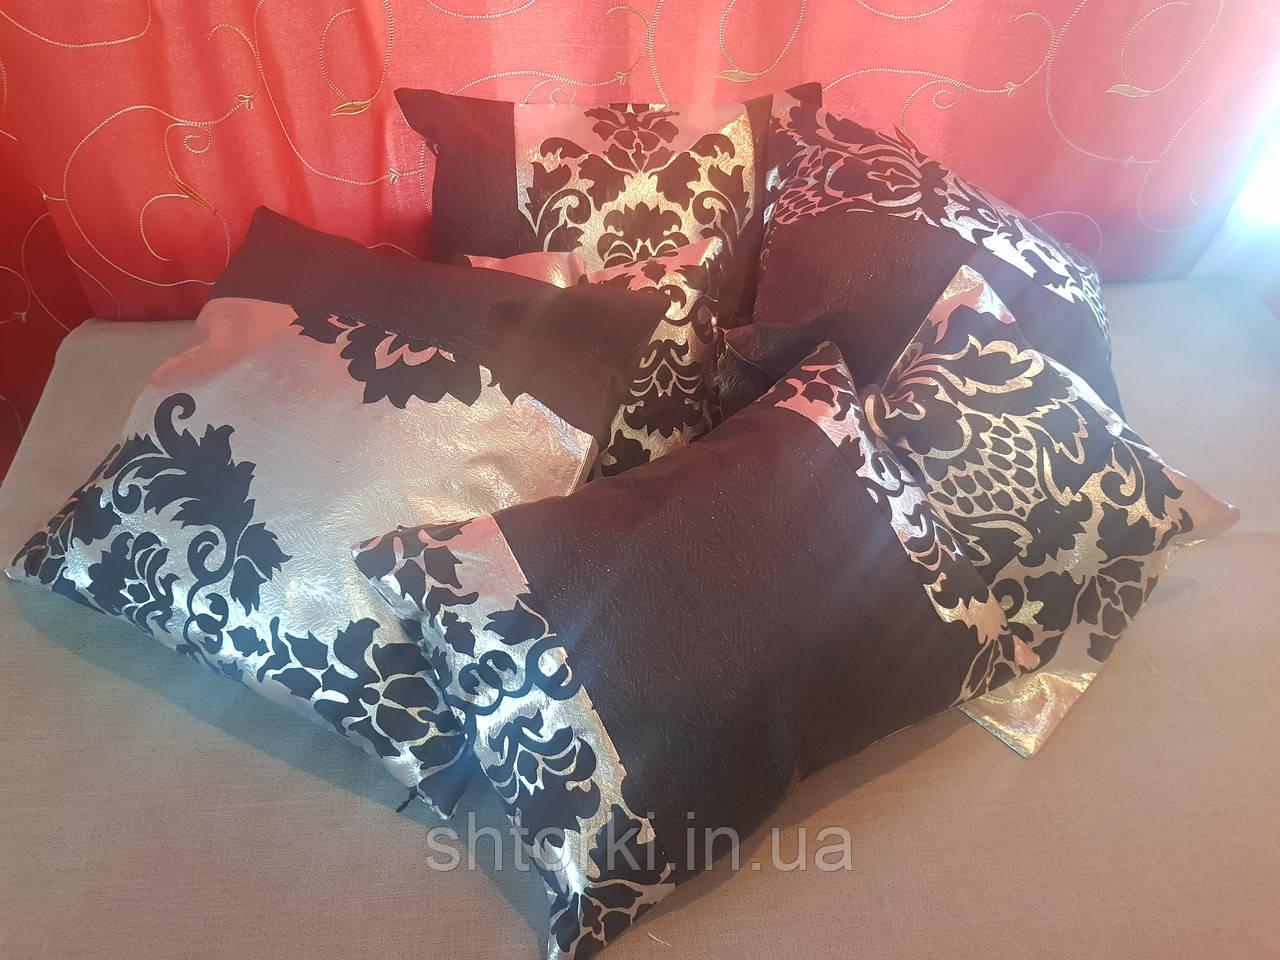 Комплект подушек  серебро с черным коронка тафта, 6шт